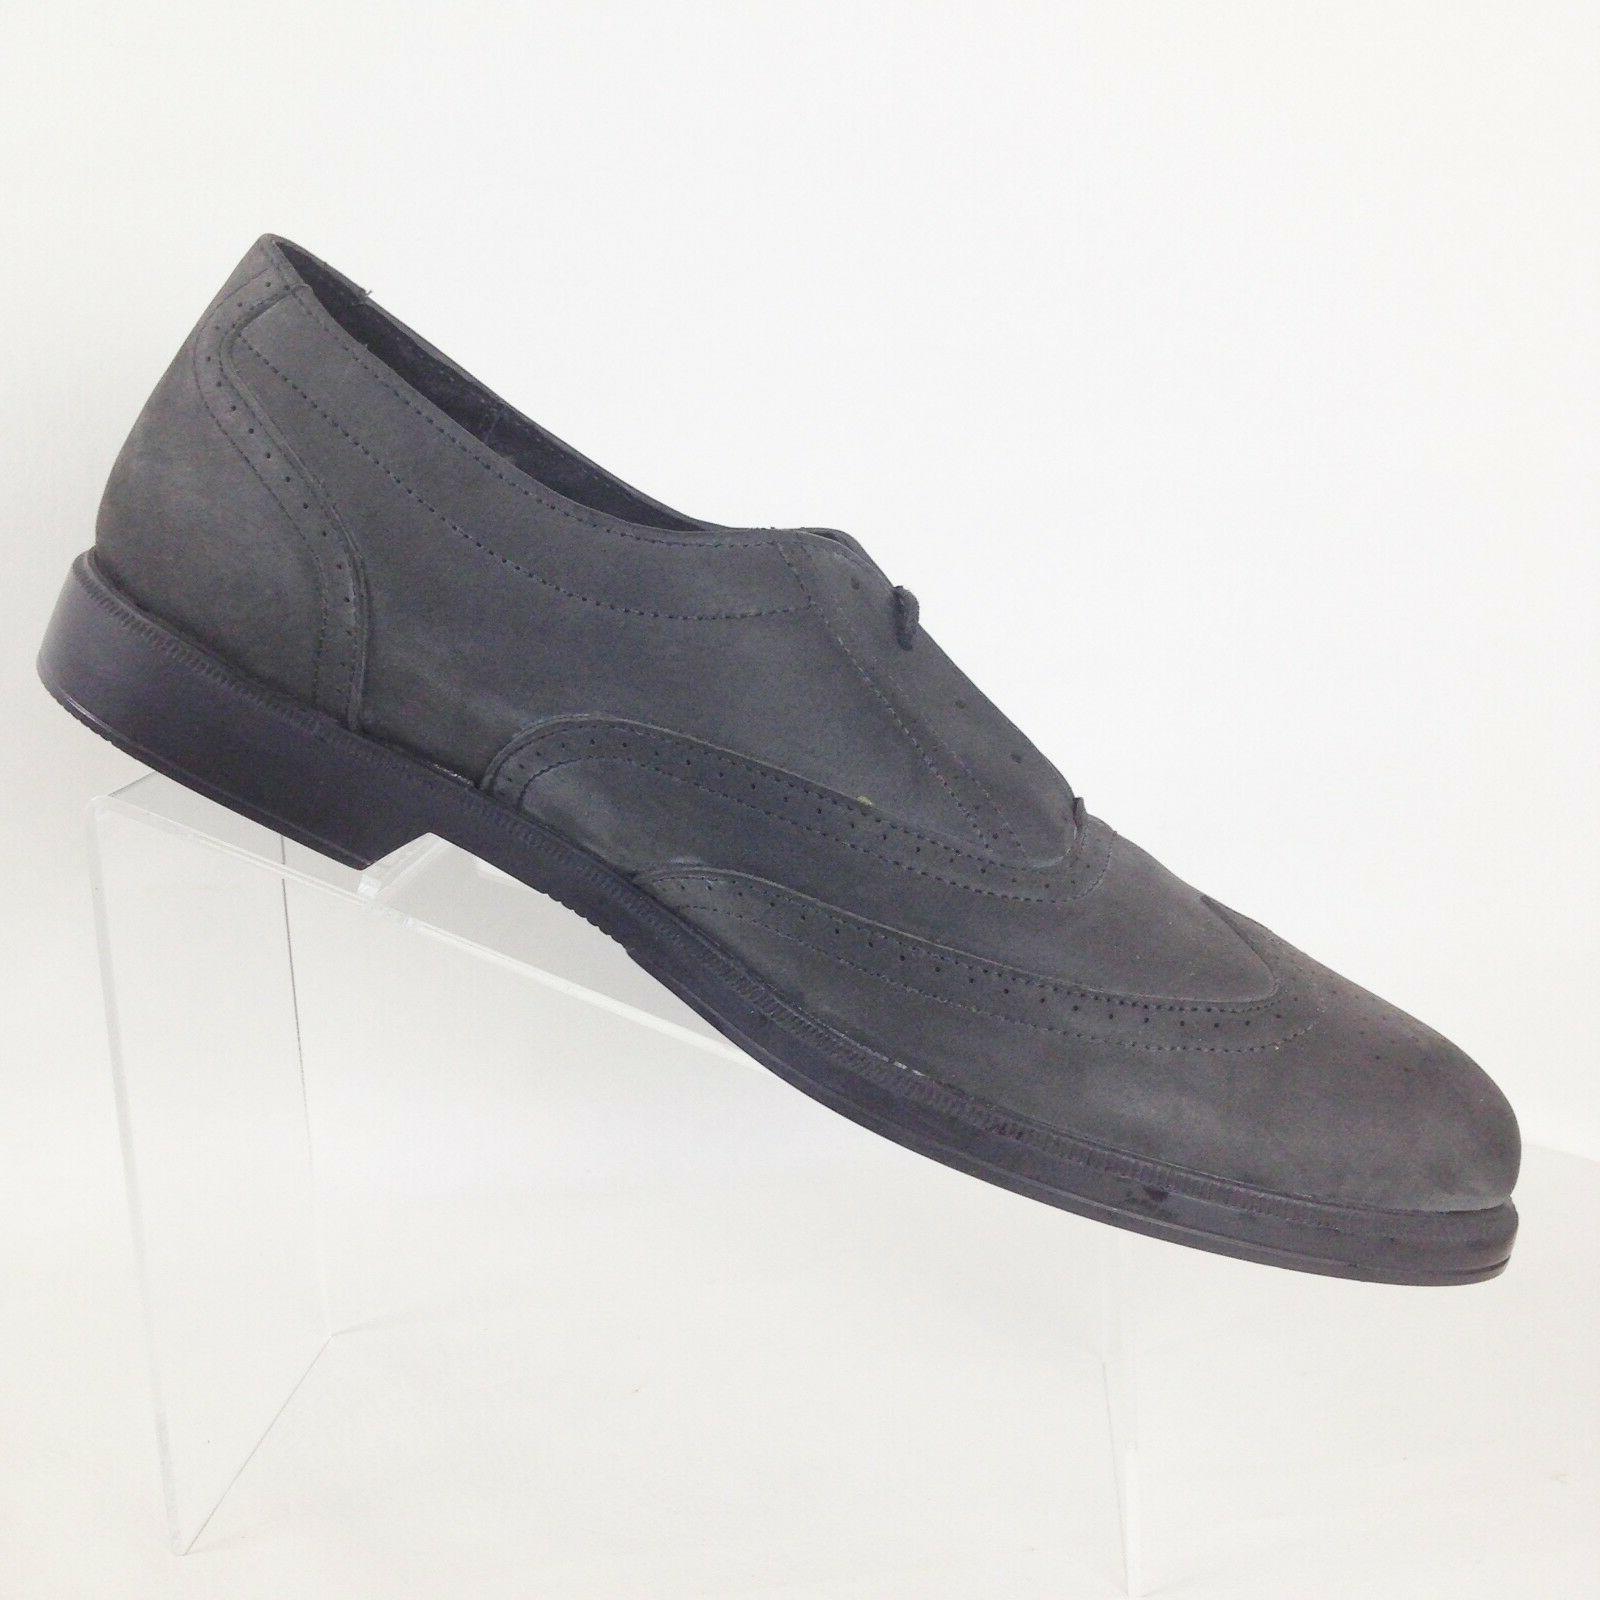 New Men's Shoes 16 B Narrow Wingtip